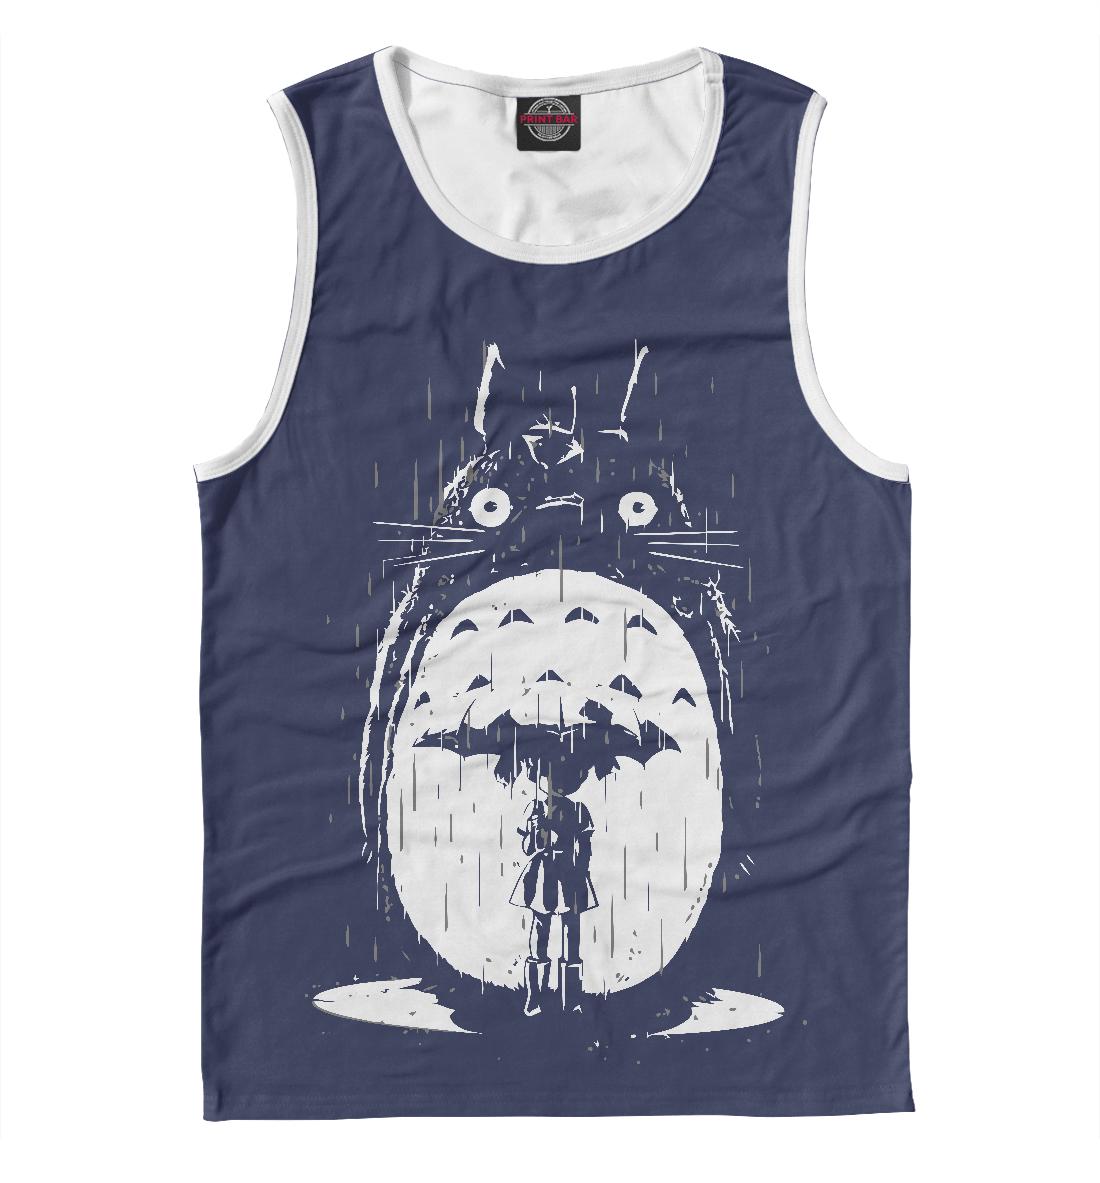 Купить Totoro in Rain, Printbar, Майки, SGH-732282-may-2